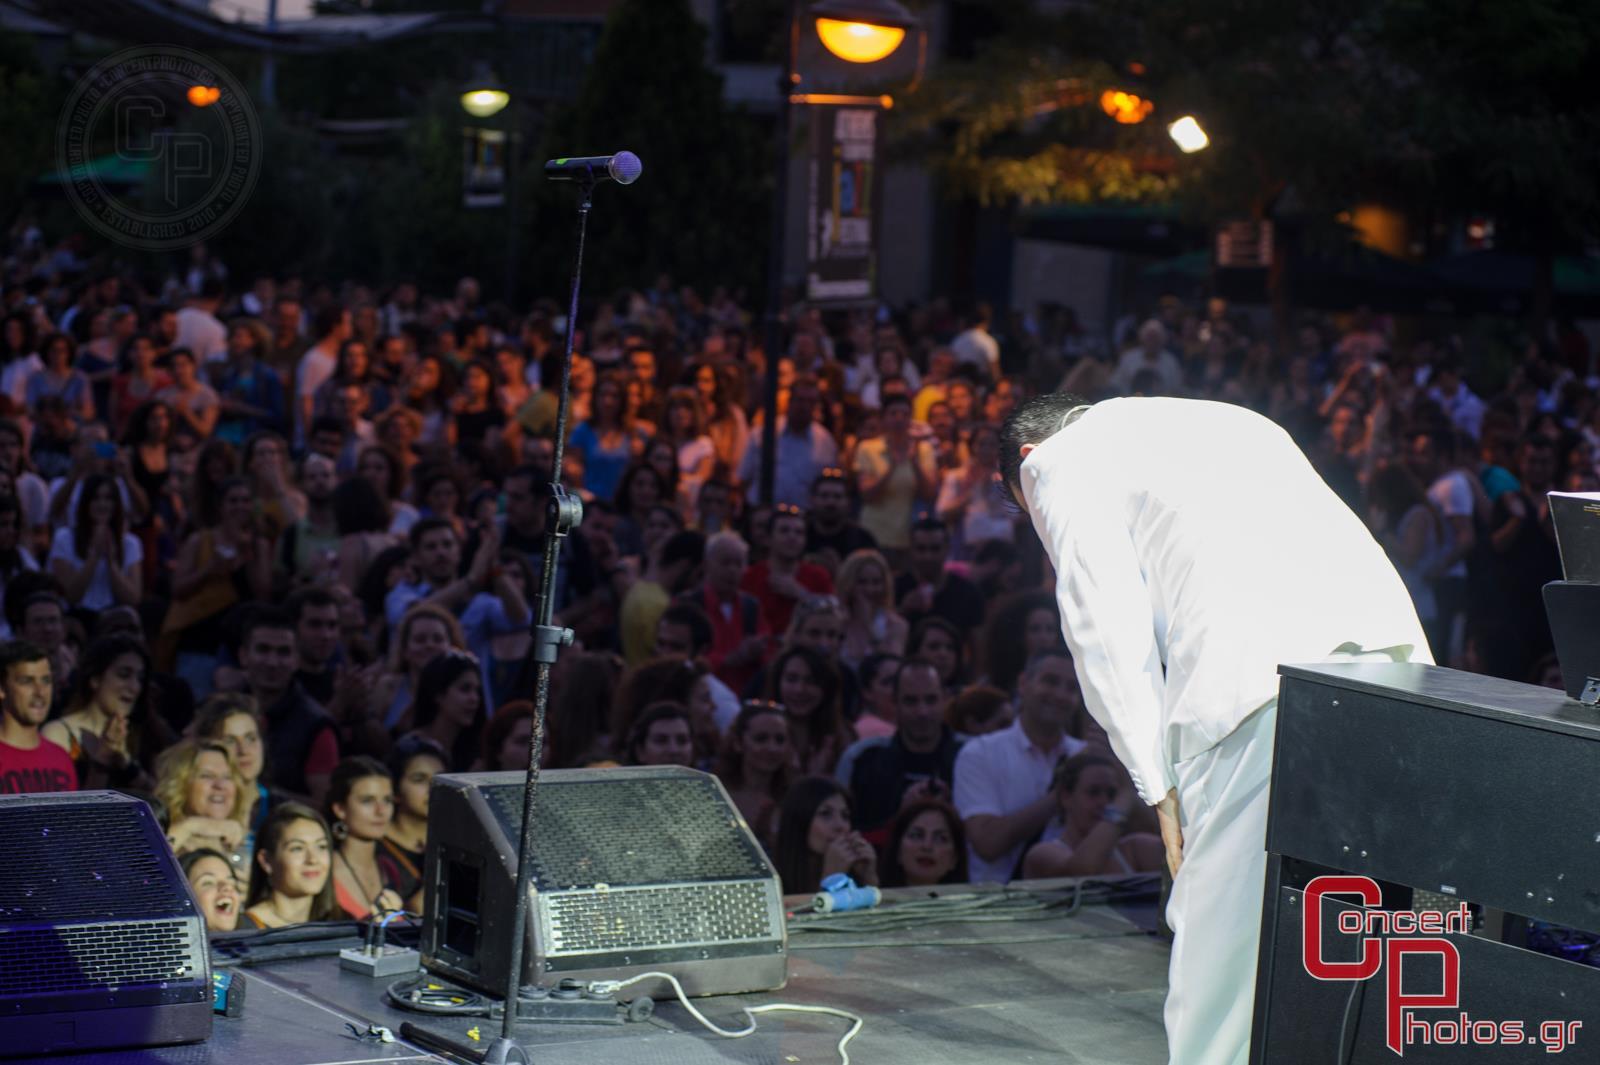 Μία συναυλία για τη Σχεδία 2014-Sxedia 2014 photographer:  - concertphotos_20140526_20_45_20